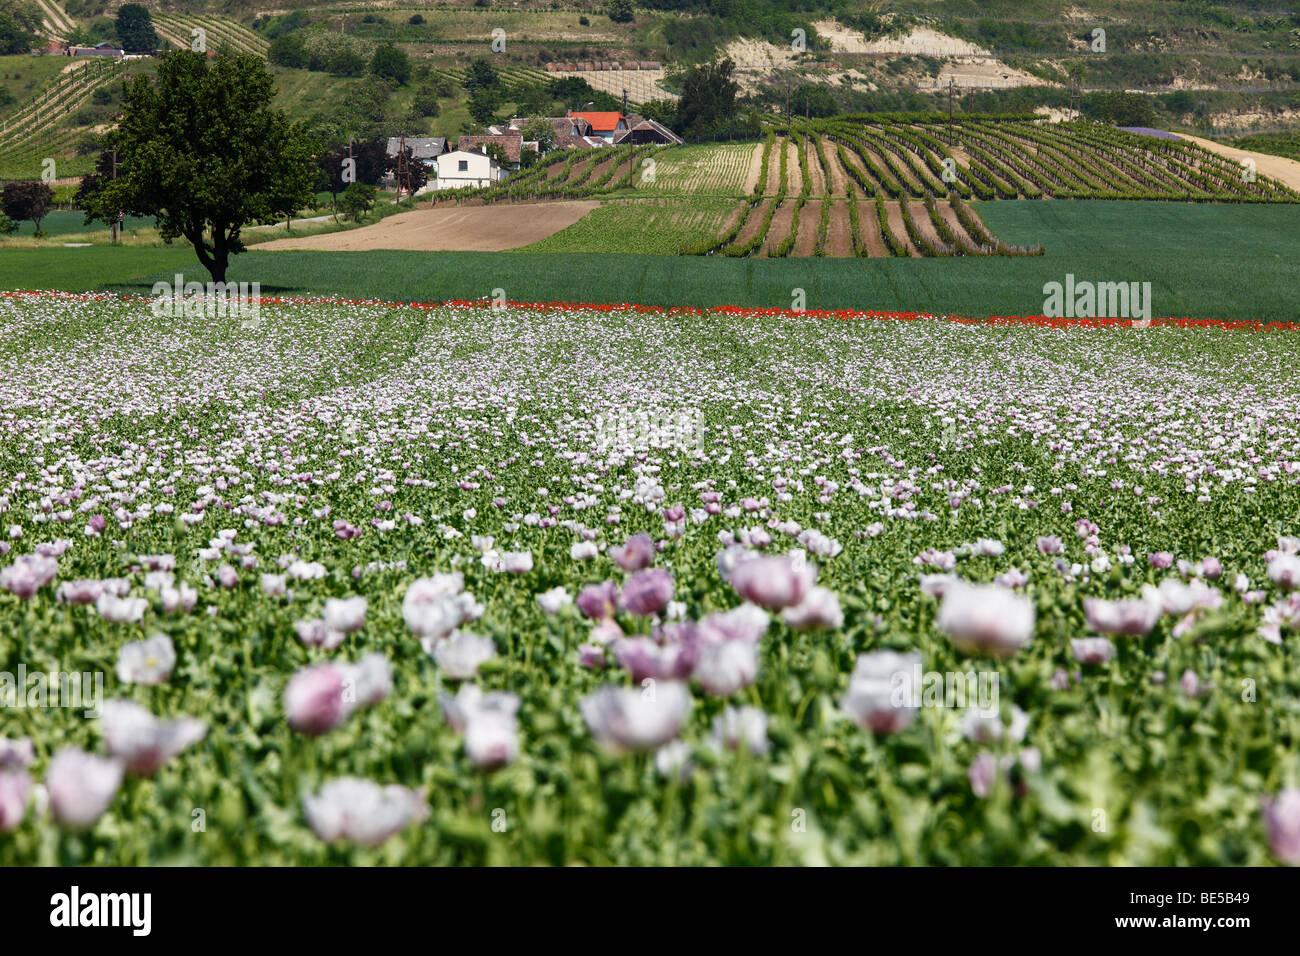 Field of Opium Poppies (Papaver somniferum), Haugsdorf, Weinviertel, Lower Austria, Austria, Europe - Stock Image